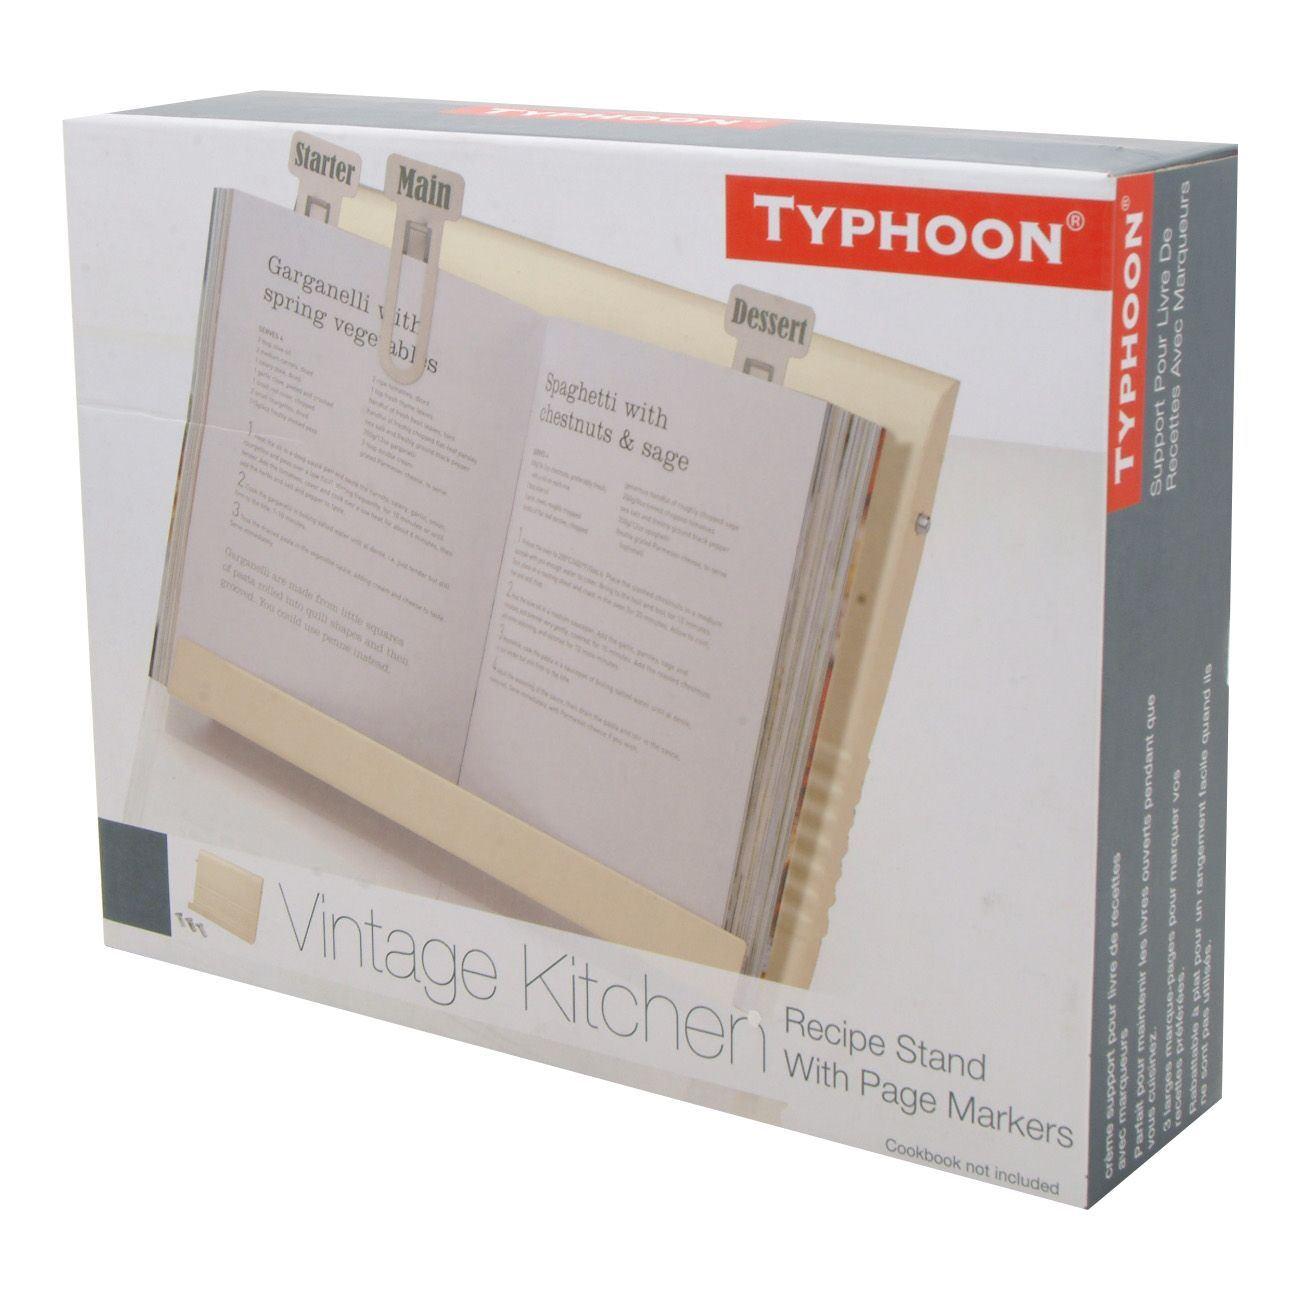 Typhoon vintage kitchen cream recipe book holder ebay - Cream recipe book stand ...